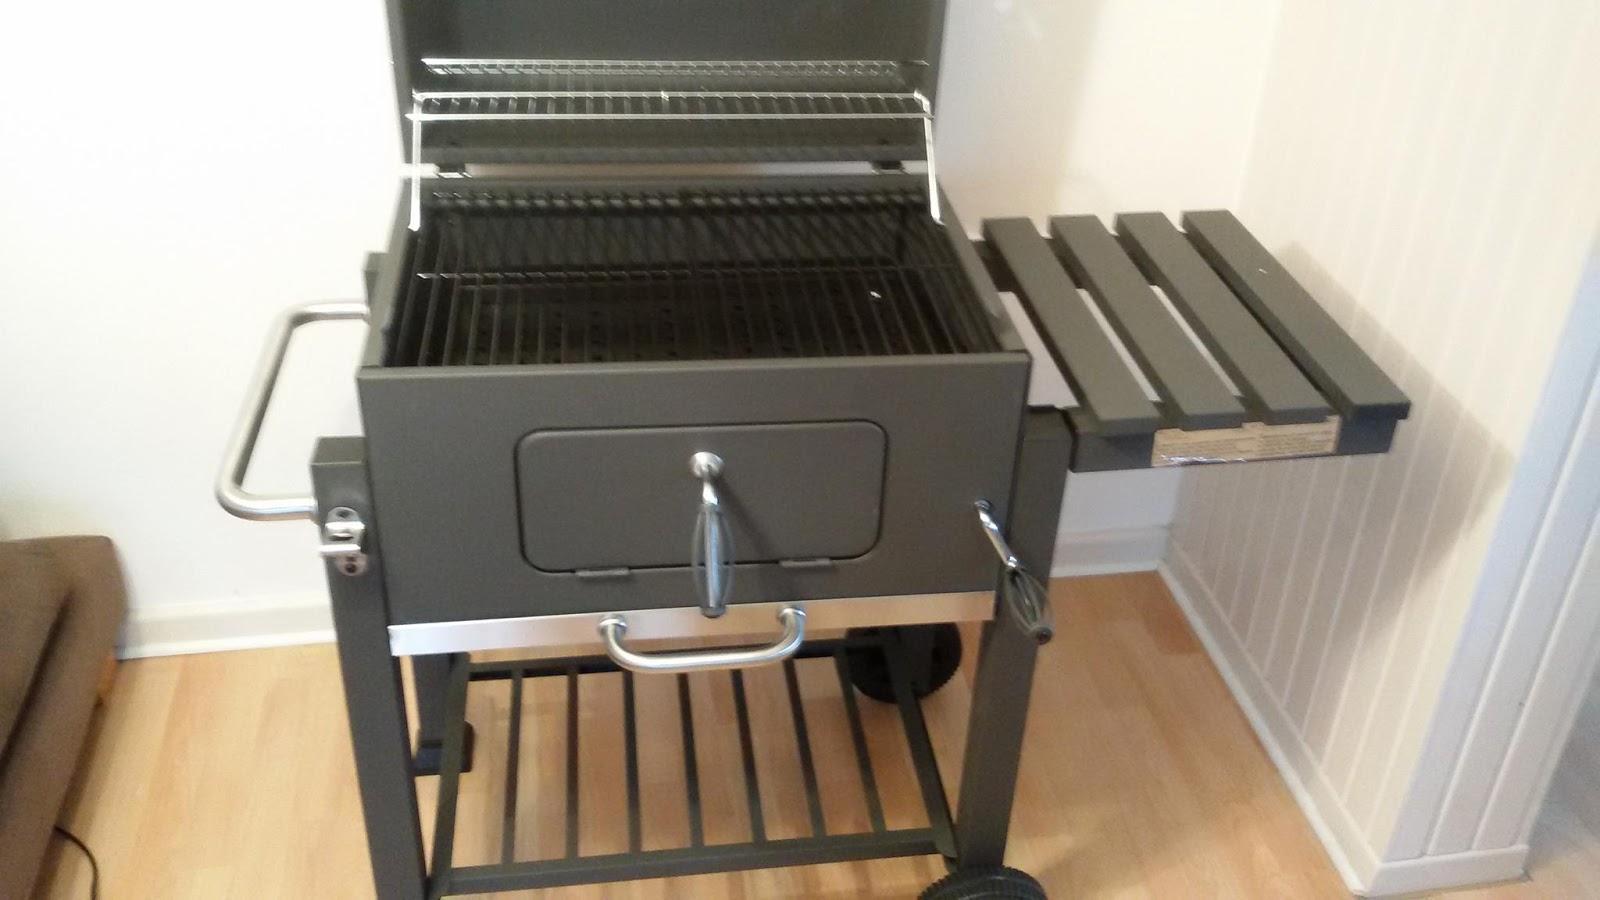 Tepro Toronto Holzkohlegrill Aufbau : Ollis grillabenteuer: test tepro toronto grillwagen